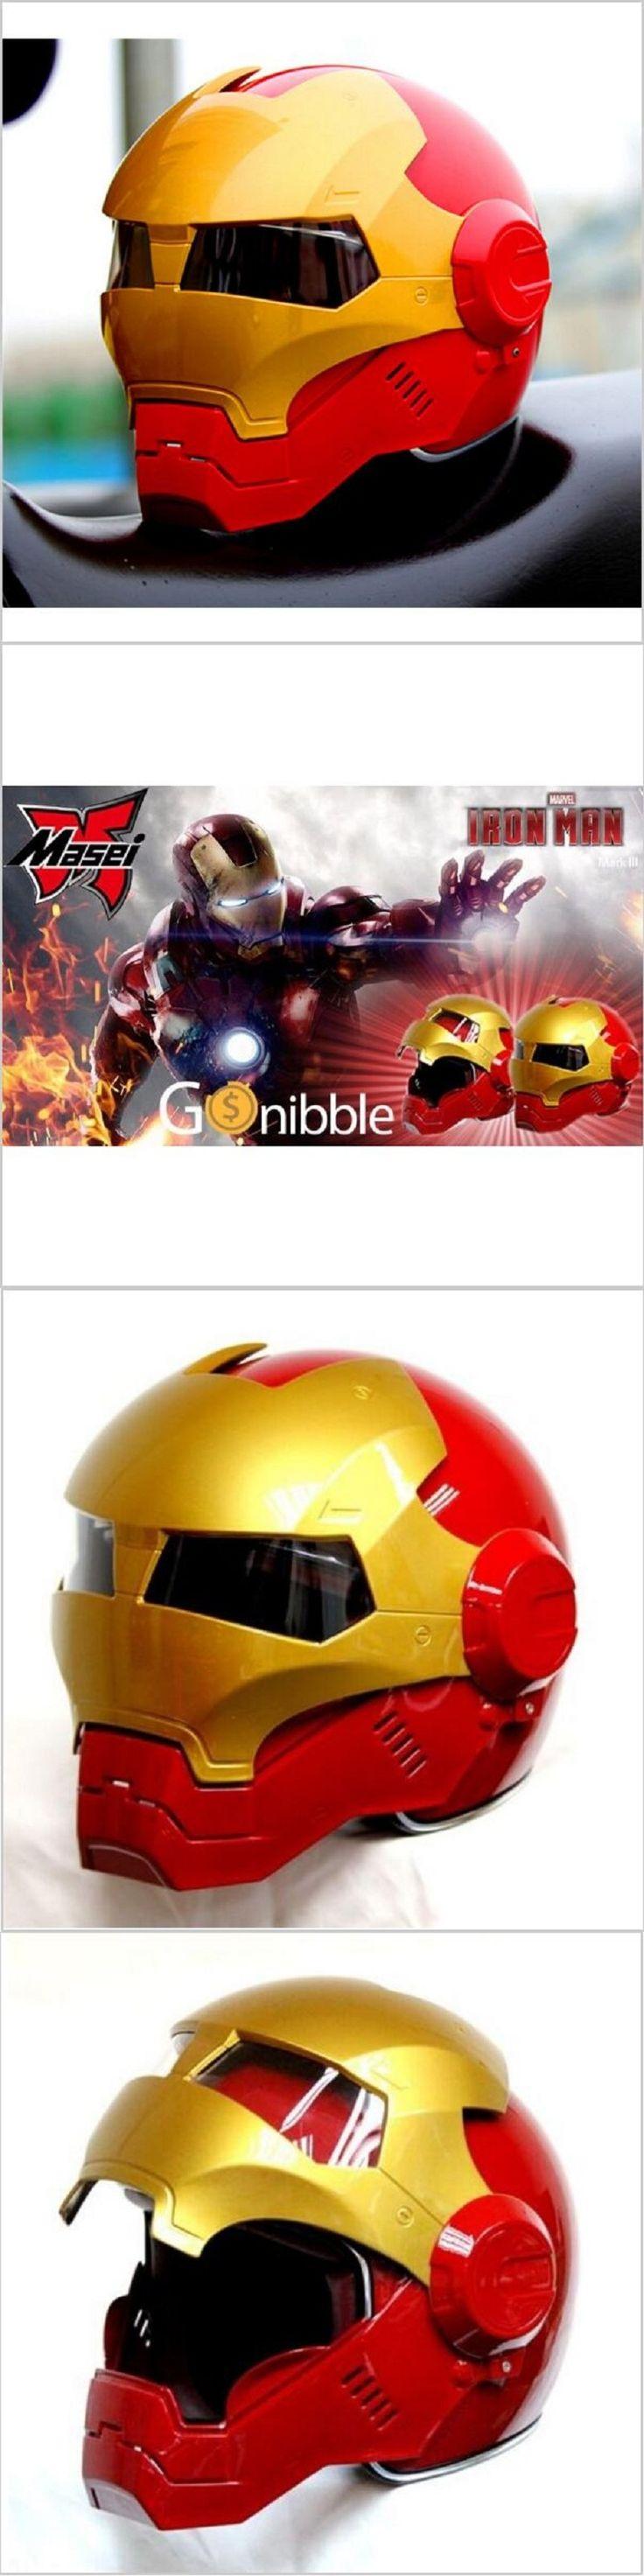 Masei ktm bike scooter moto Red golden Classic iron man helmet motorcycle helmet half helmet open face helmet casque motocross